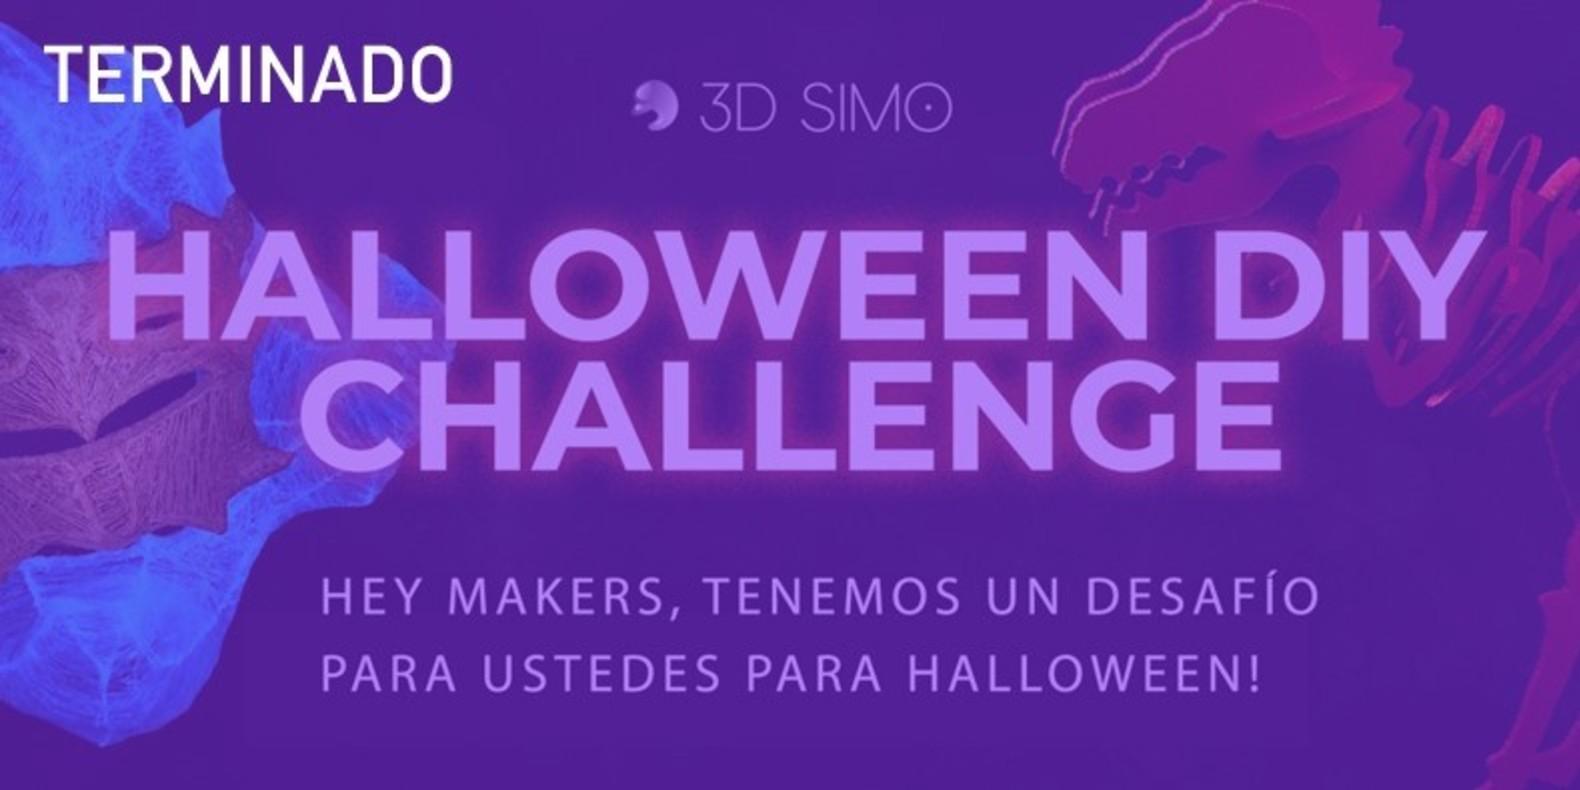 Hey makers, Halloween está cerca y tenemos un desafío para ustedes!